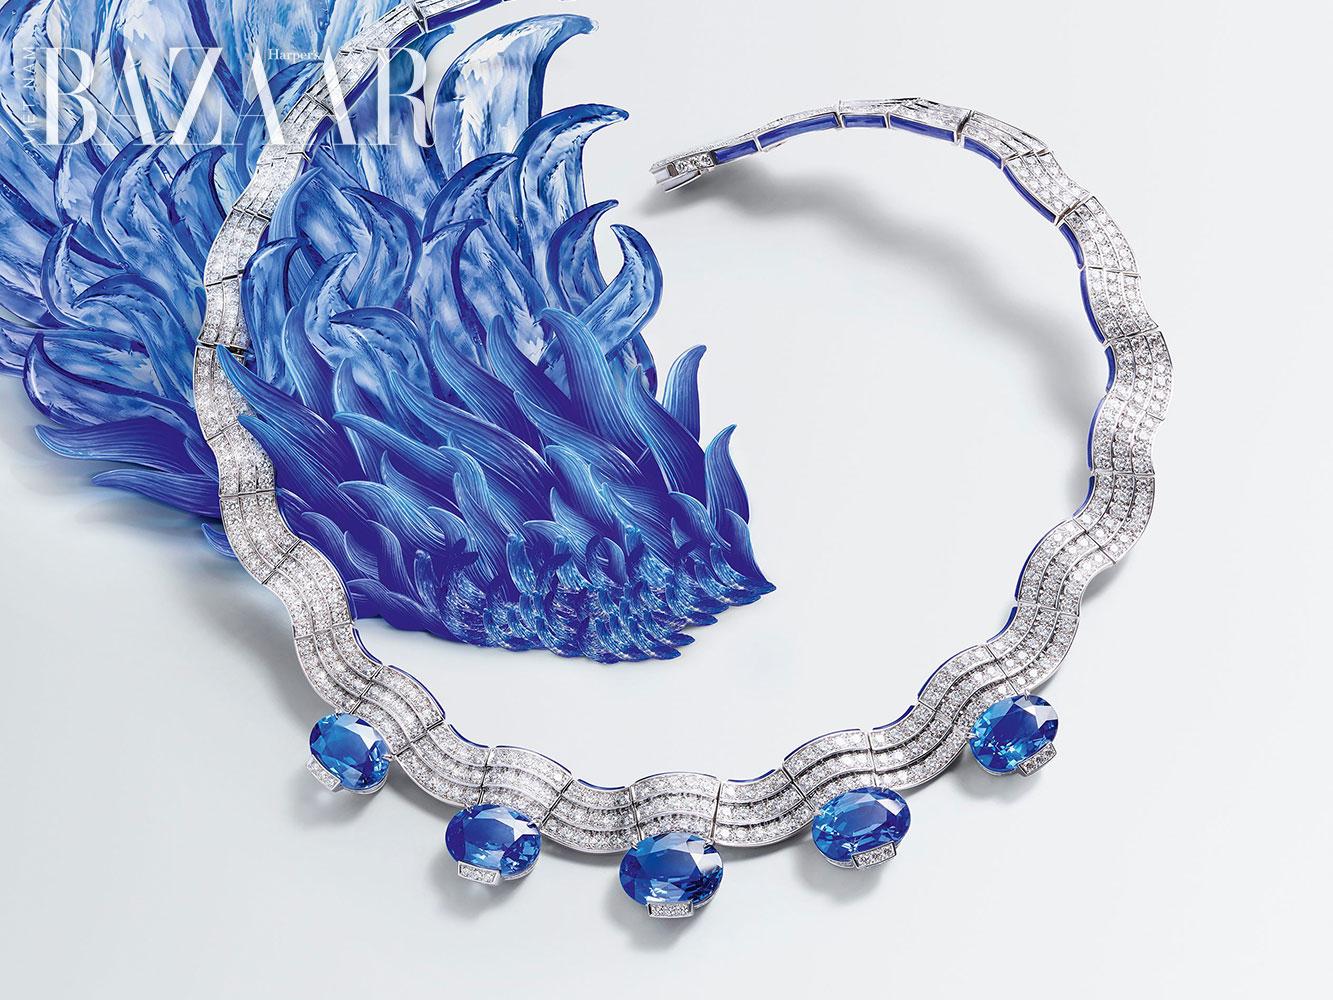 4 điều bạn cần biết để chọn mua đá sapphire xanh lam cao cấp 4